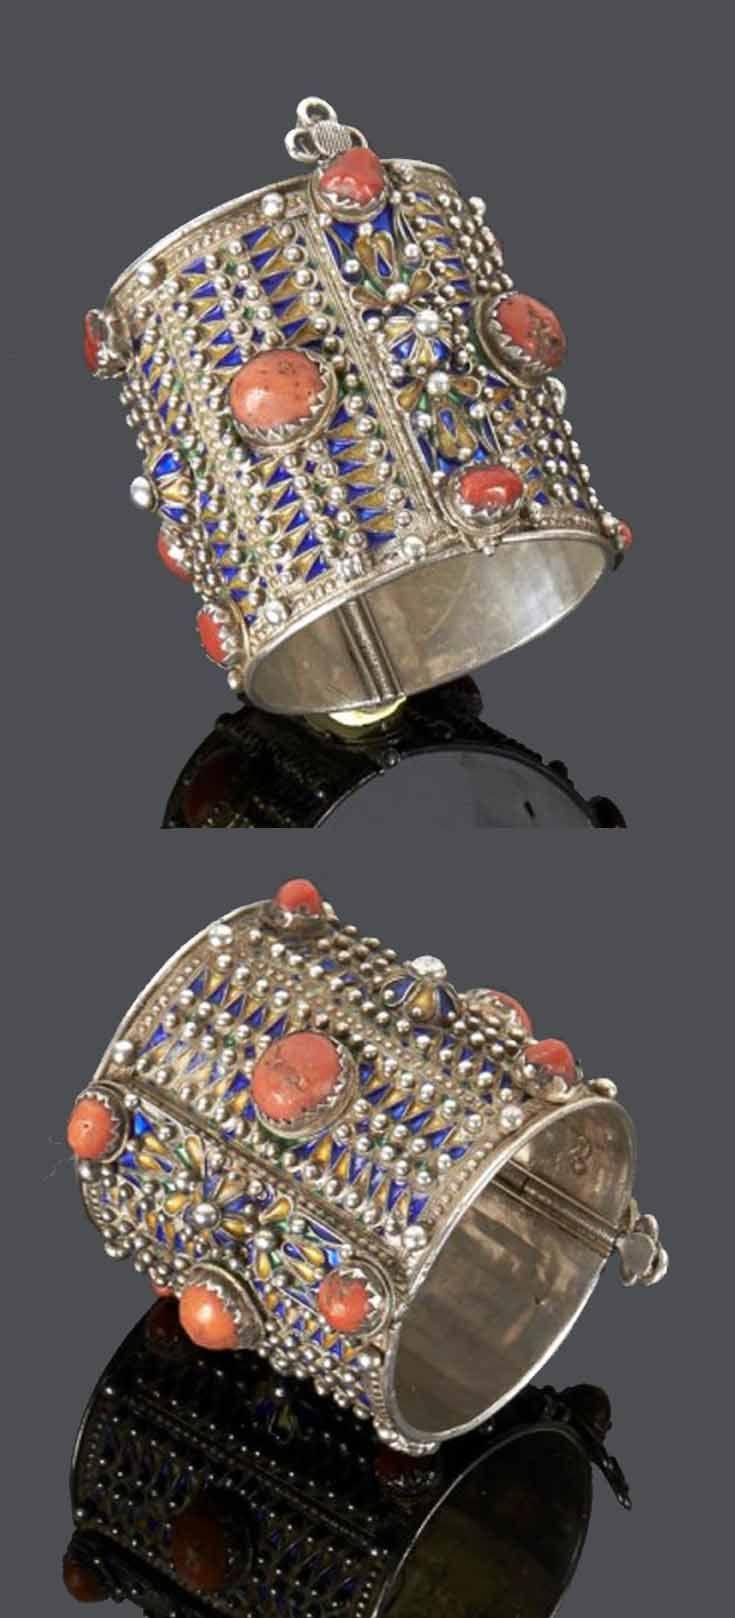 Les 25 meilleures id es de la cat gorie bijoux kabyle sur for Decoration kabyle